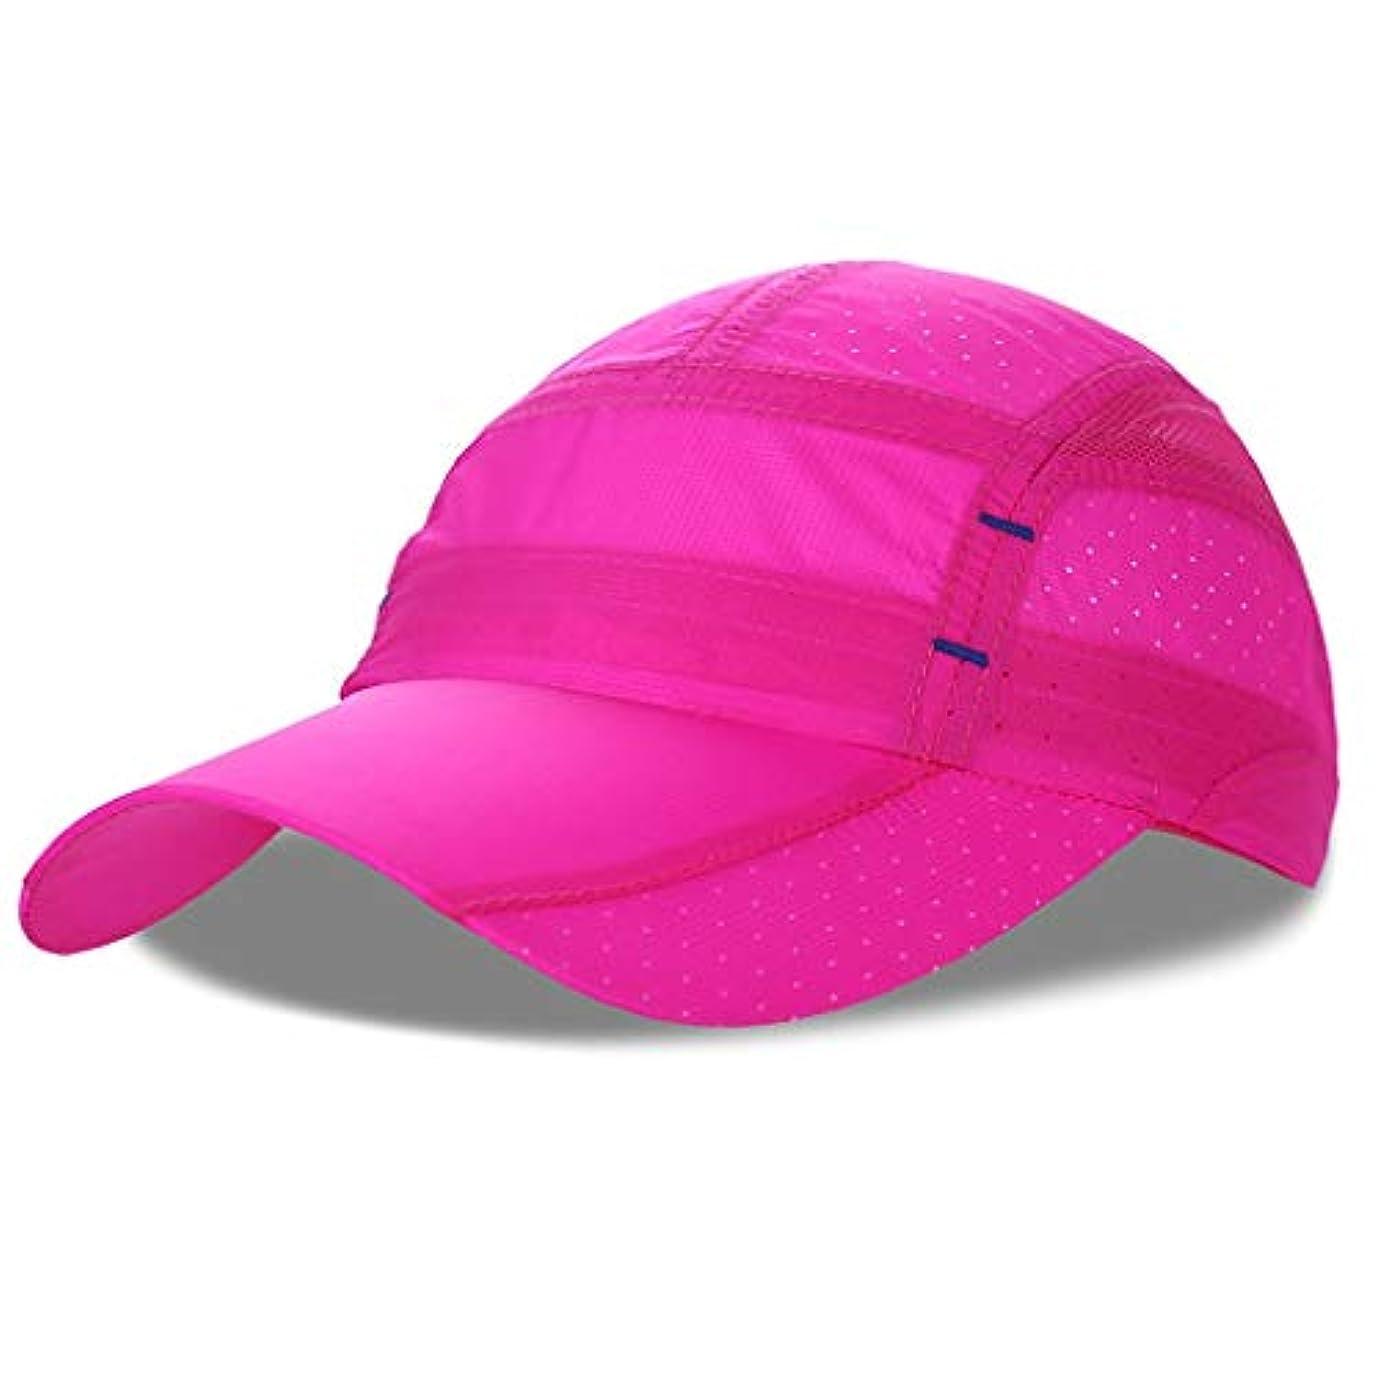 失荒野木曜日日よけ帽 日曜日の帽子の男性の夏の偶然の野生の速乾性の屋外の日曜日の保護の日曜日の帽子の帽子のスポーツの乗馬の野球帽54-60cm ZHAOSHUNLI (Color : Rose Red)